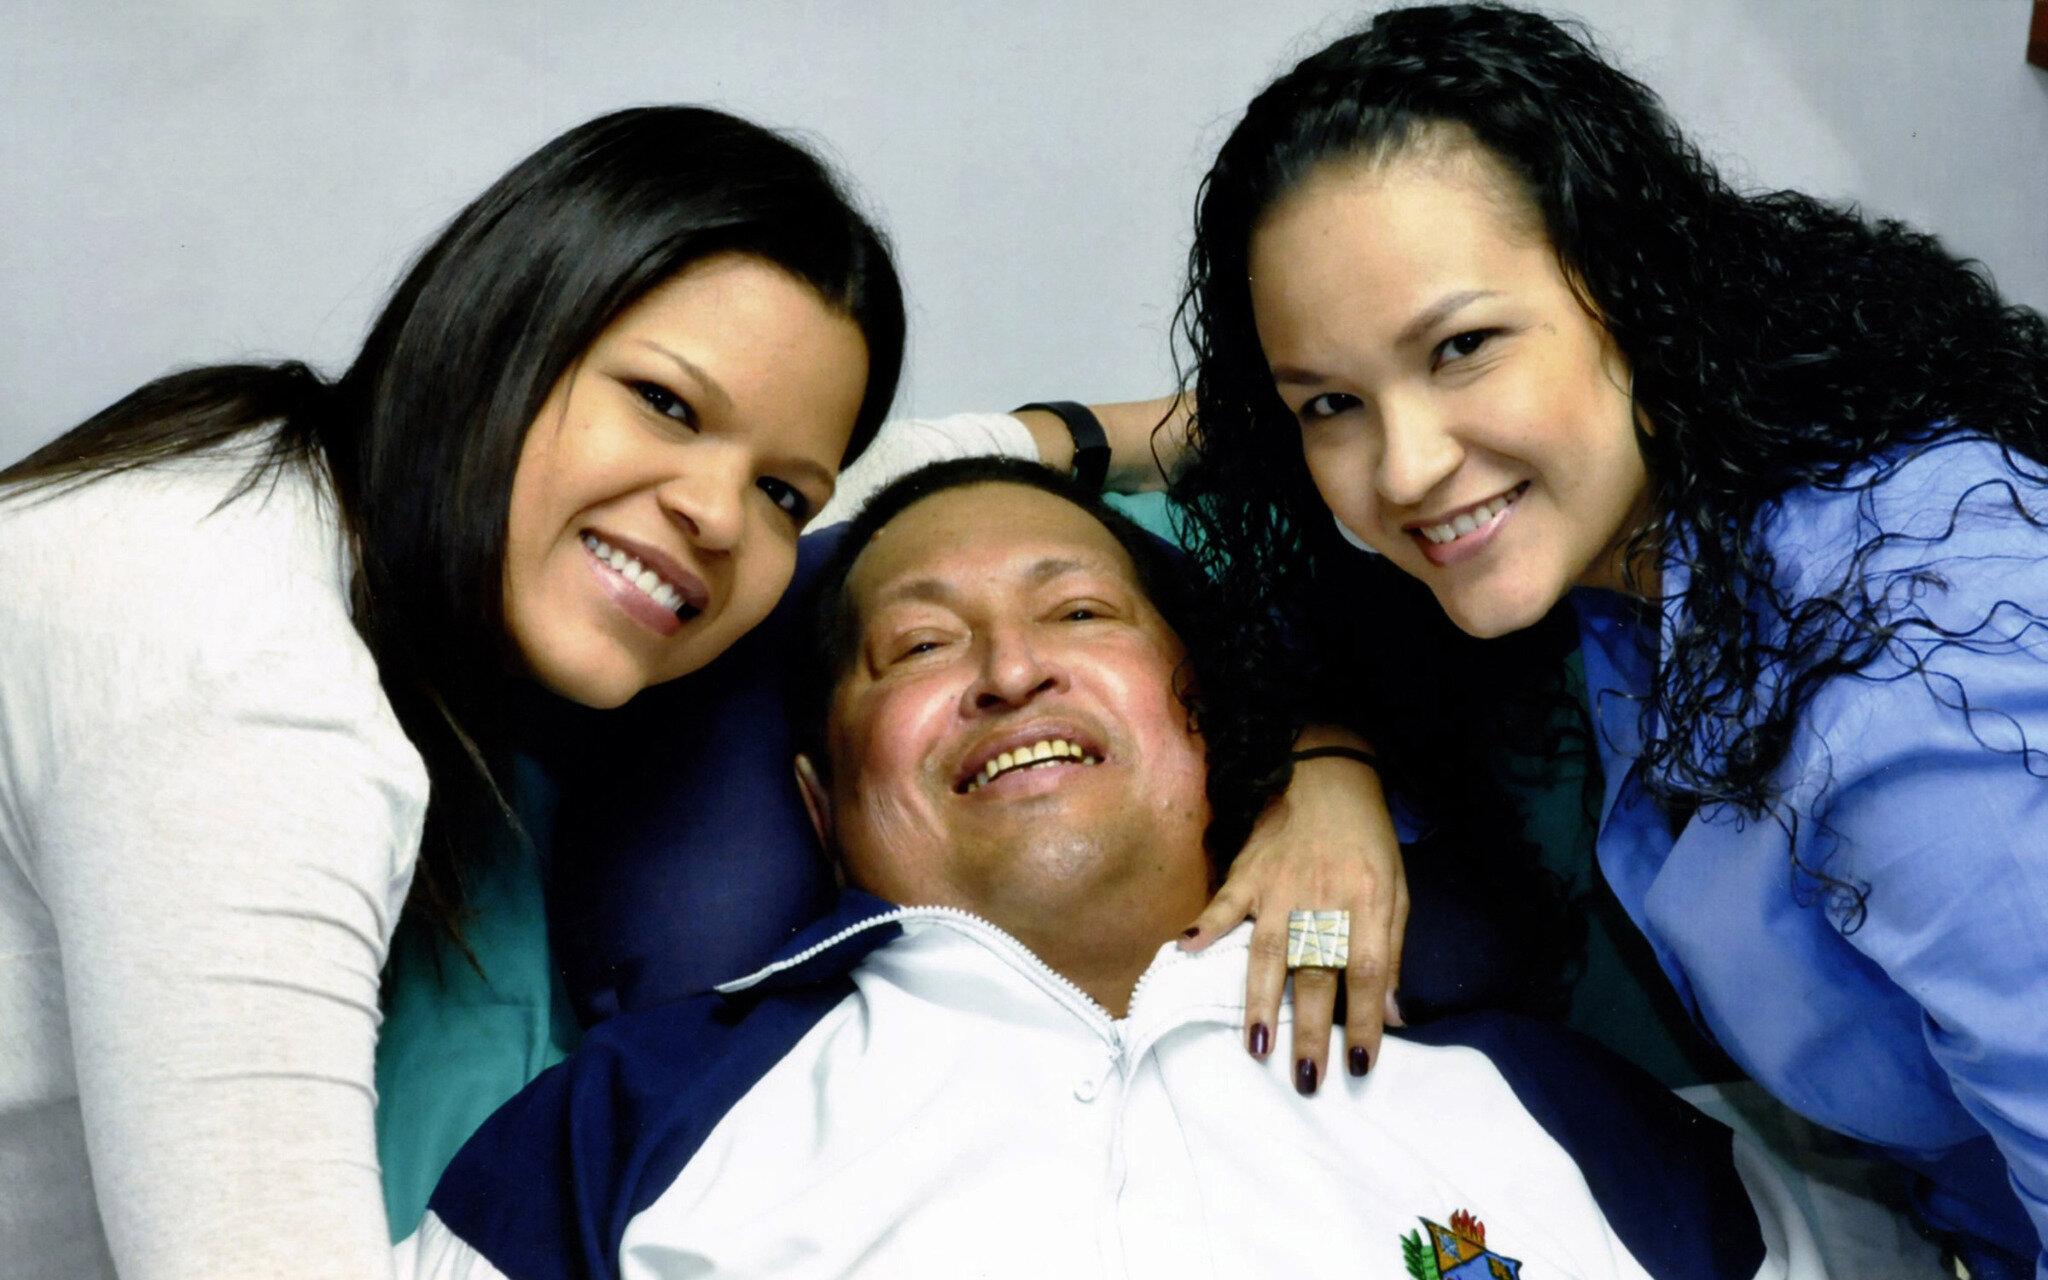 El presidente de Venezuela, Hugo Chávez, con sus hijas.